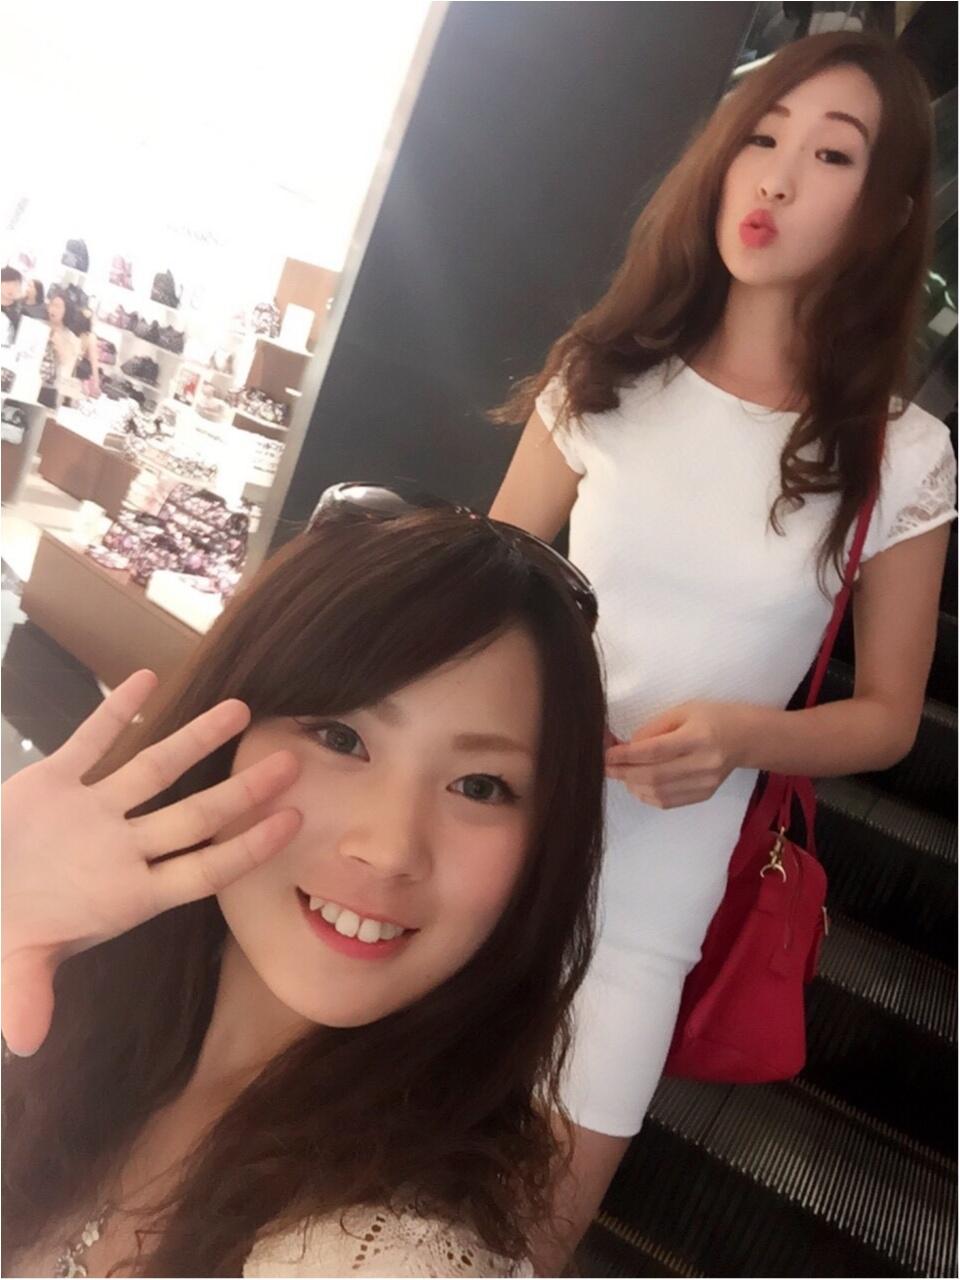 【TRIP】楽しさ2倍♥︎おそろコーデ in GUAM♡&ショッピングにはきれいめタイトワンピースを♡_9